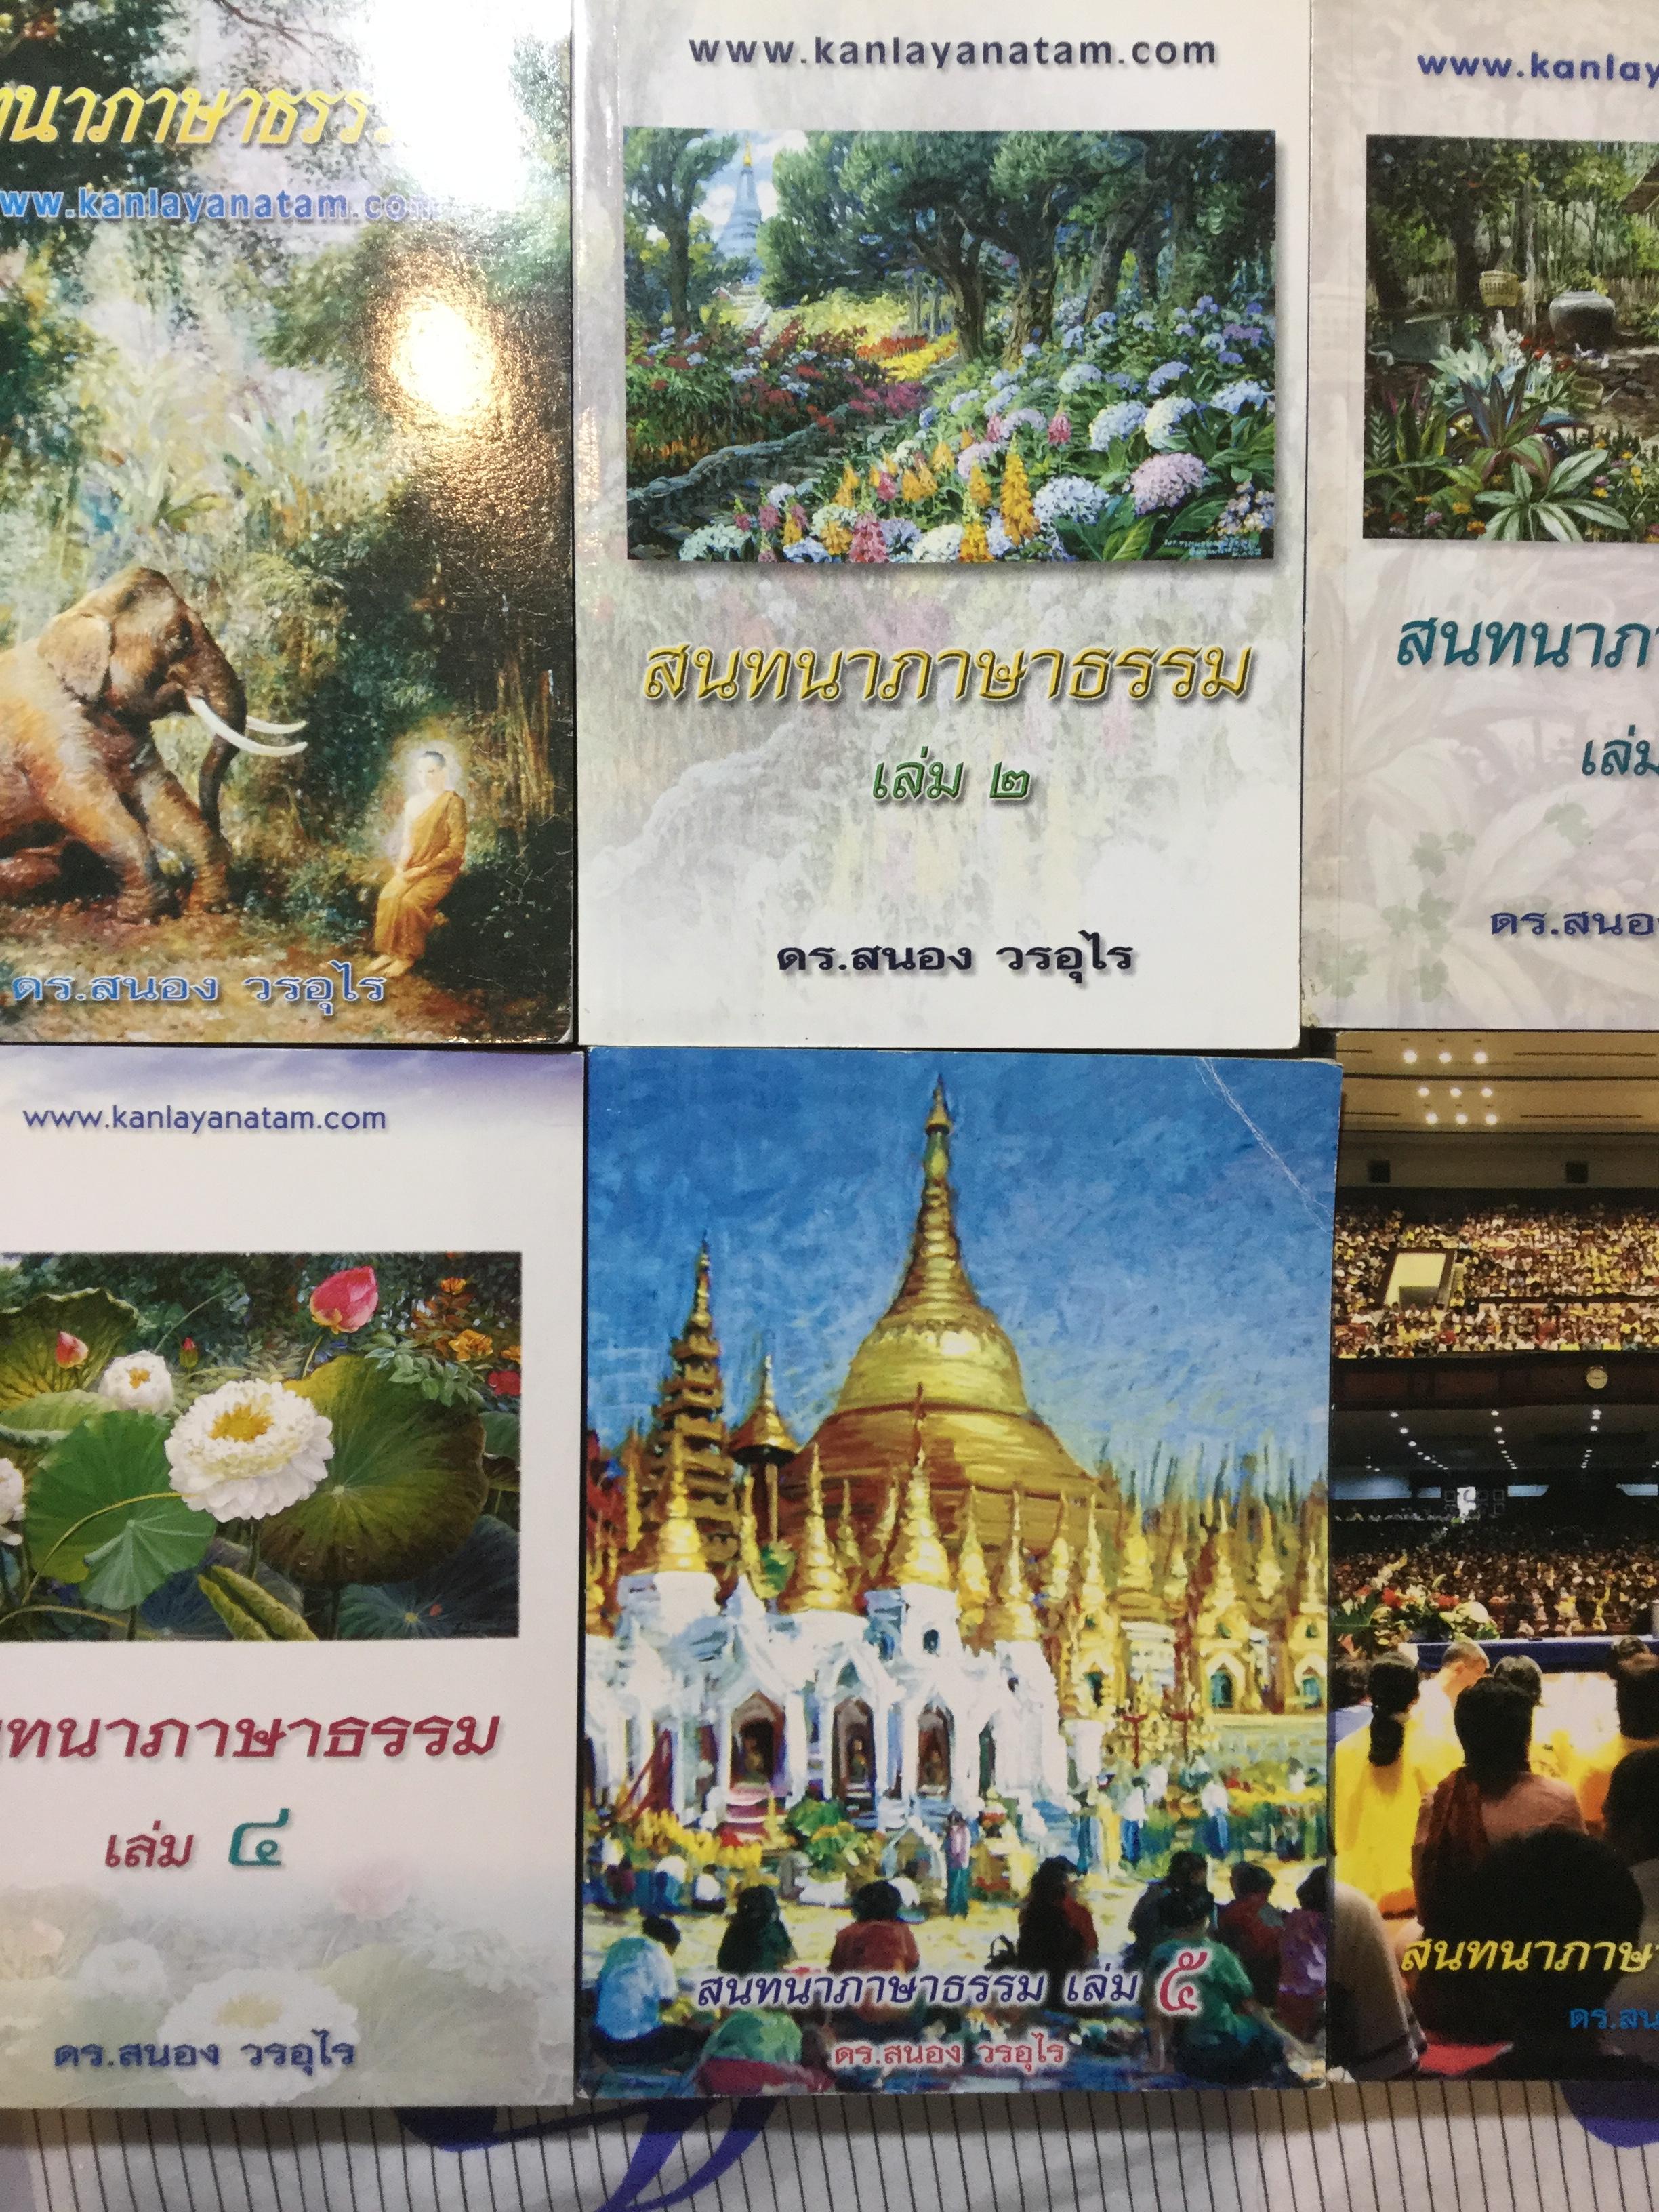 สนทนาภาษาธรรม เล่ม 1-6 รวม 6 เล่ม ผู้เขียน ดร.สนอง วรอุไร